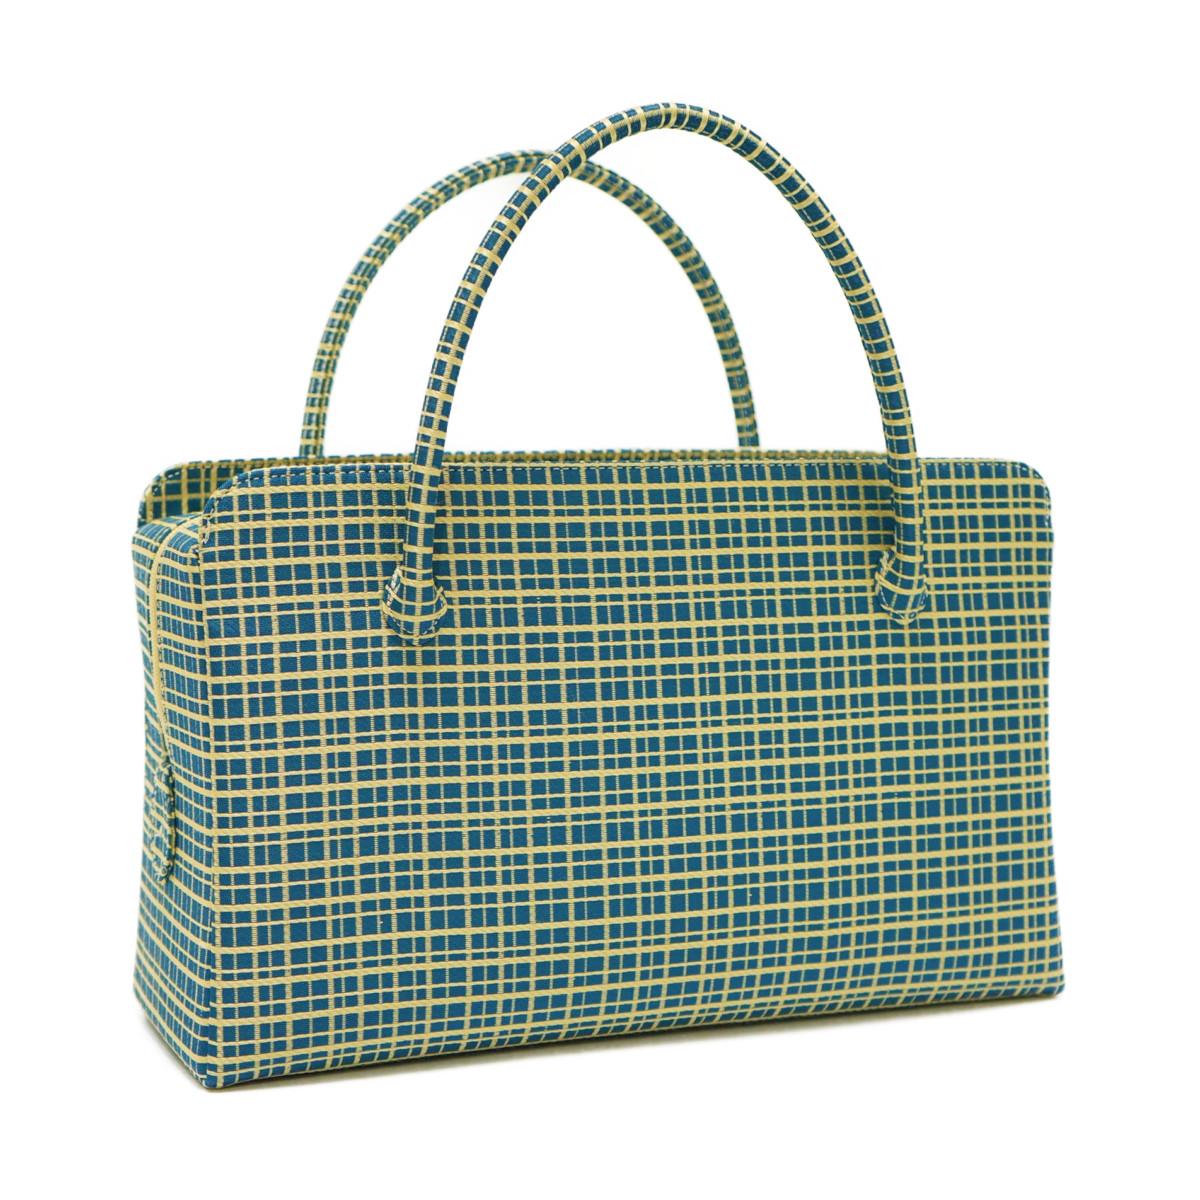 和装バッグ 利休バッグ金襴織物 格子